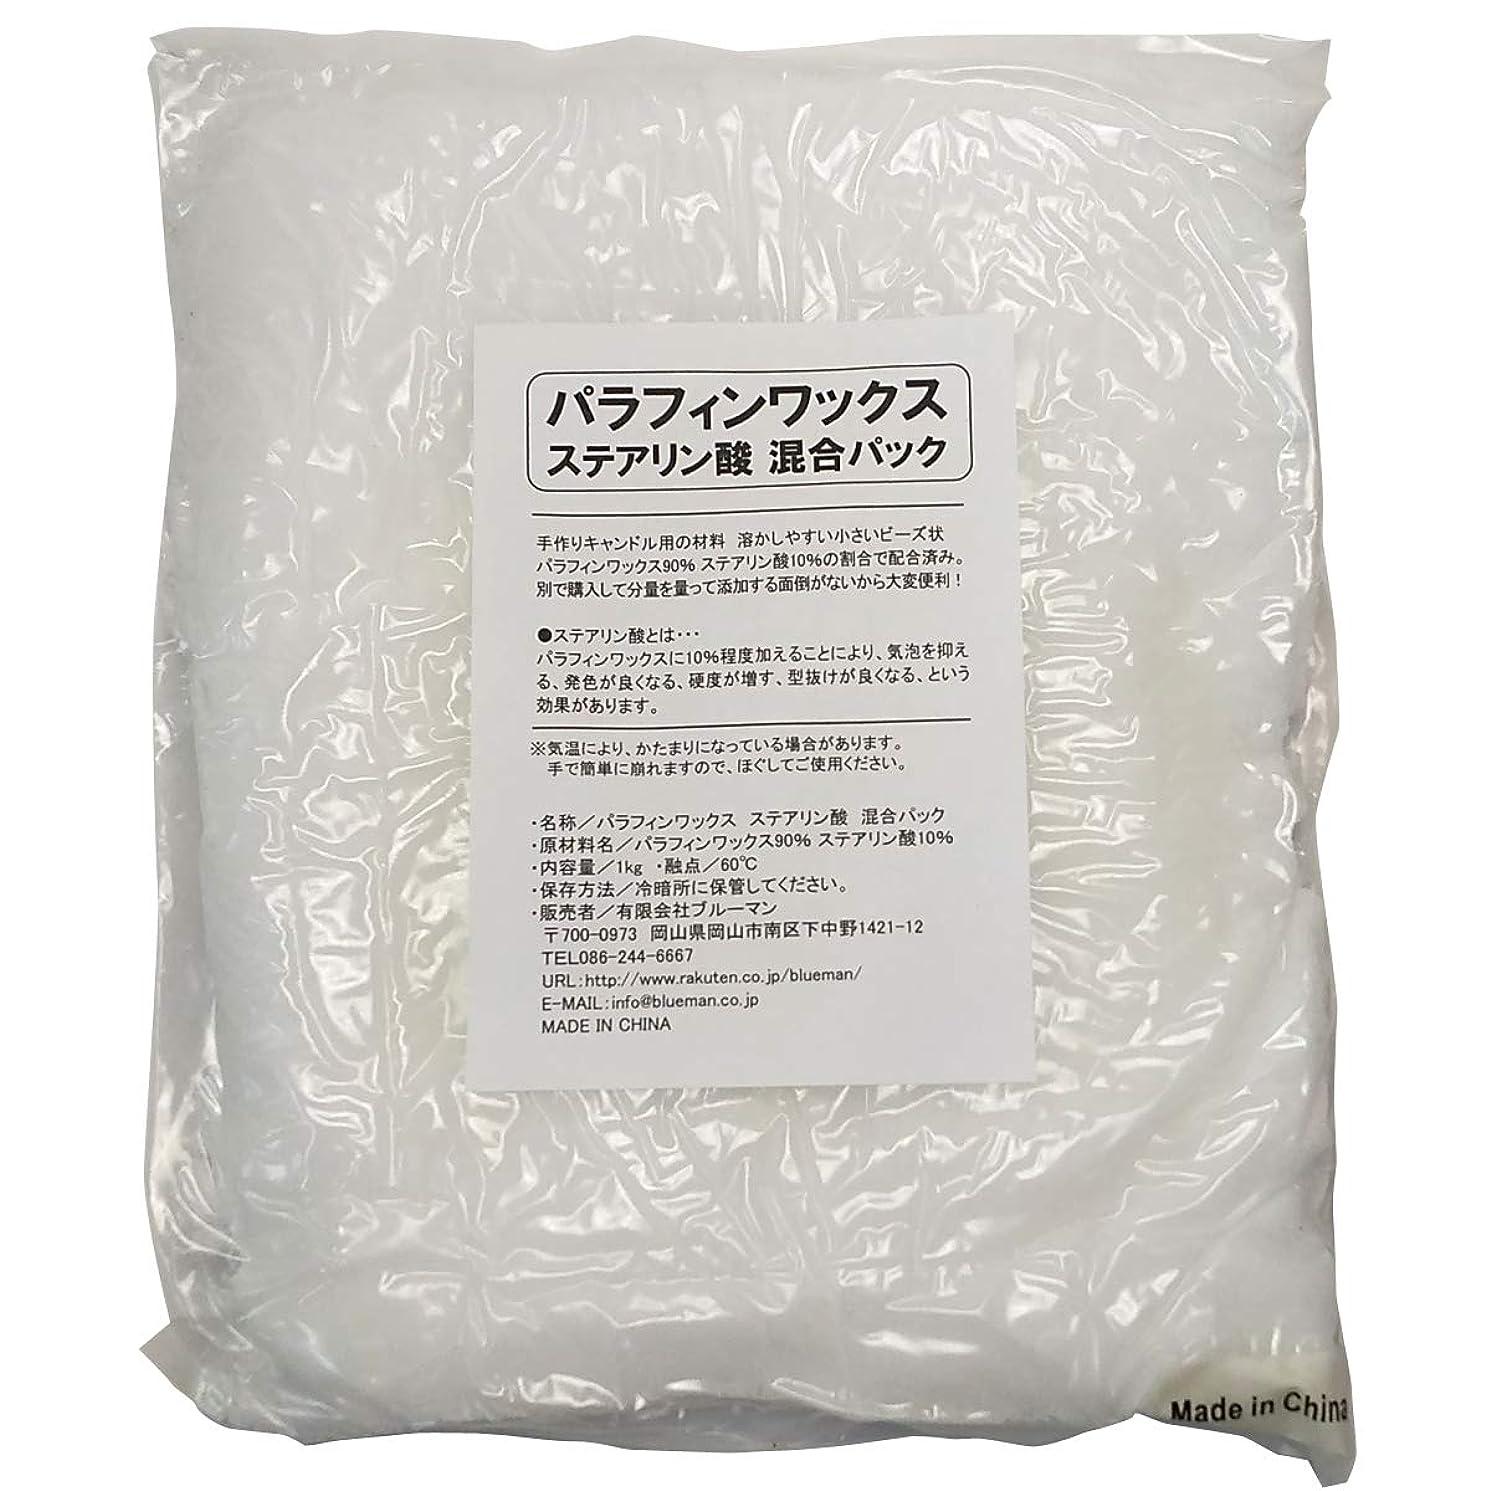 アカウント筋相反するパラフィンワックス ステアリン酸 混合パック 1kg 手作りキャンドル 材料 1キロ アロマワックスサシェ